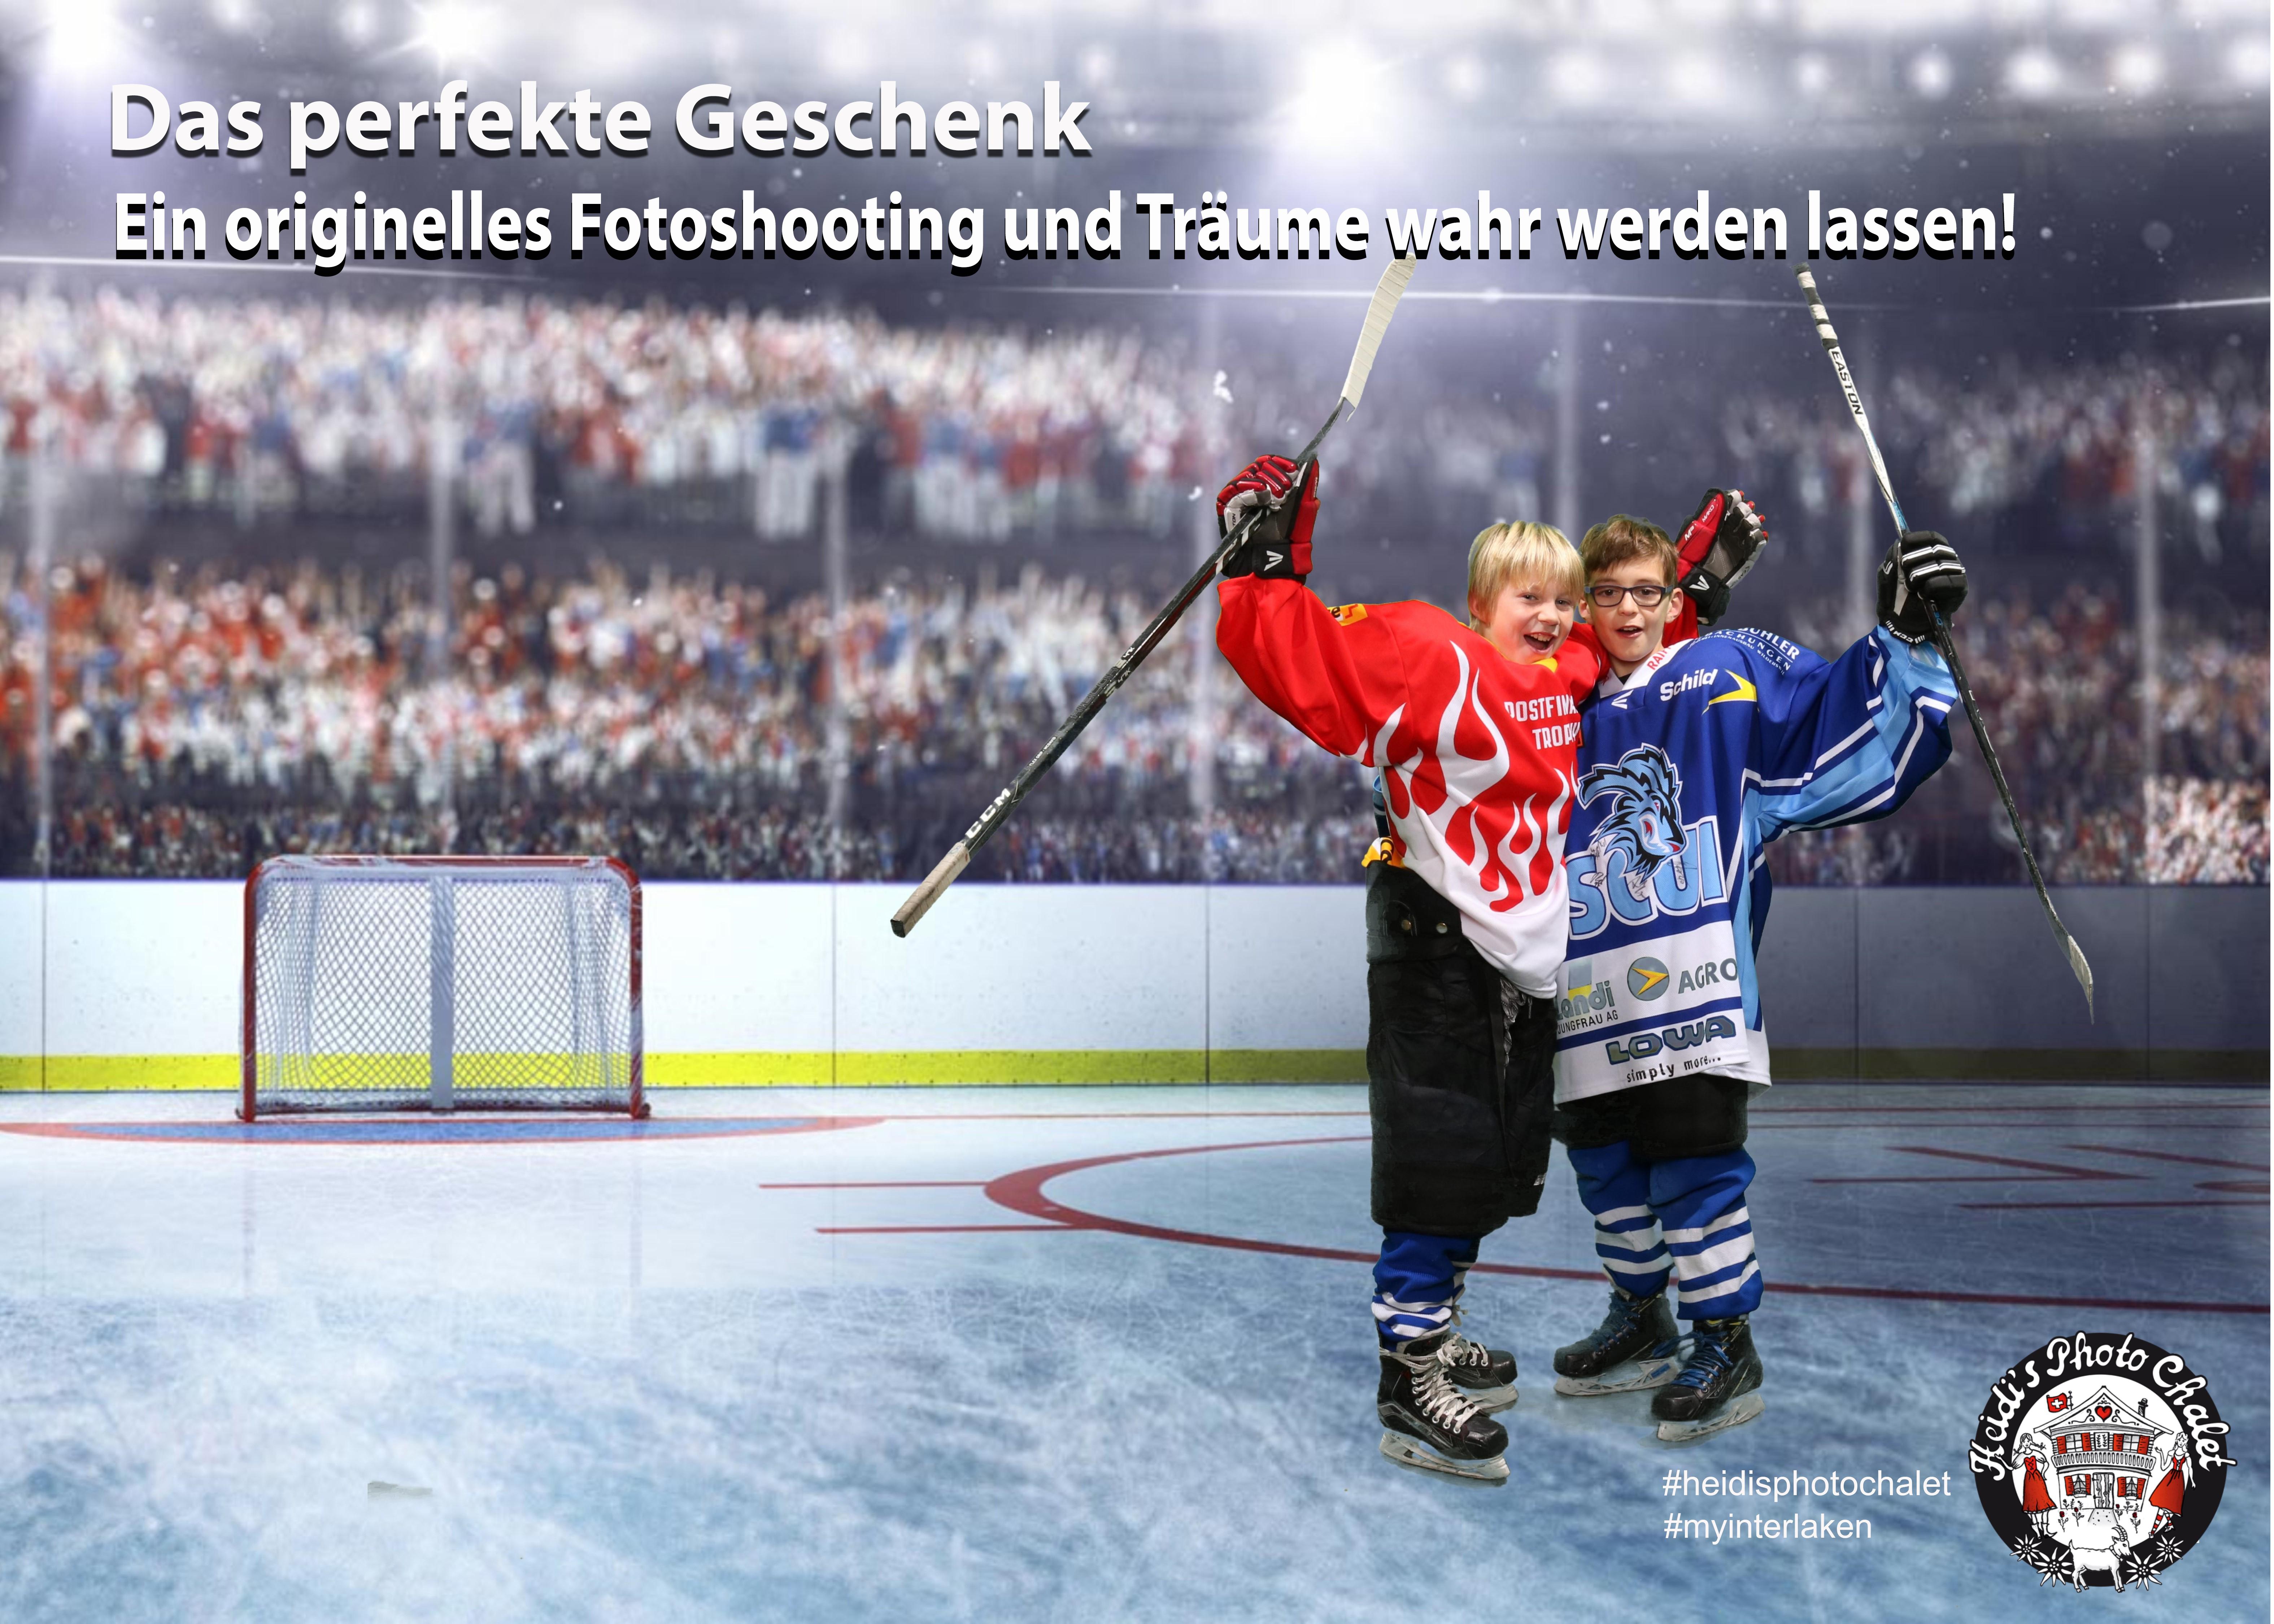 Heidis_Photo_Chalet_Interlaken_gutschein